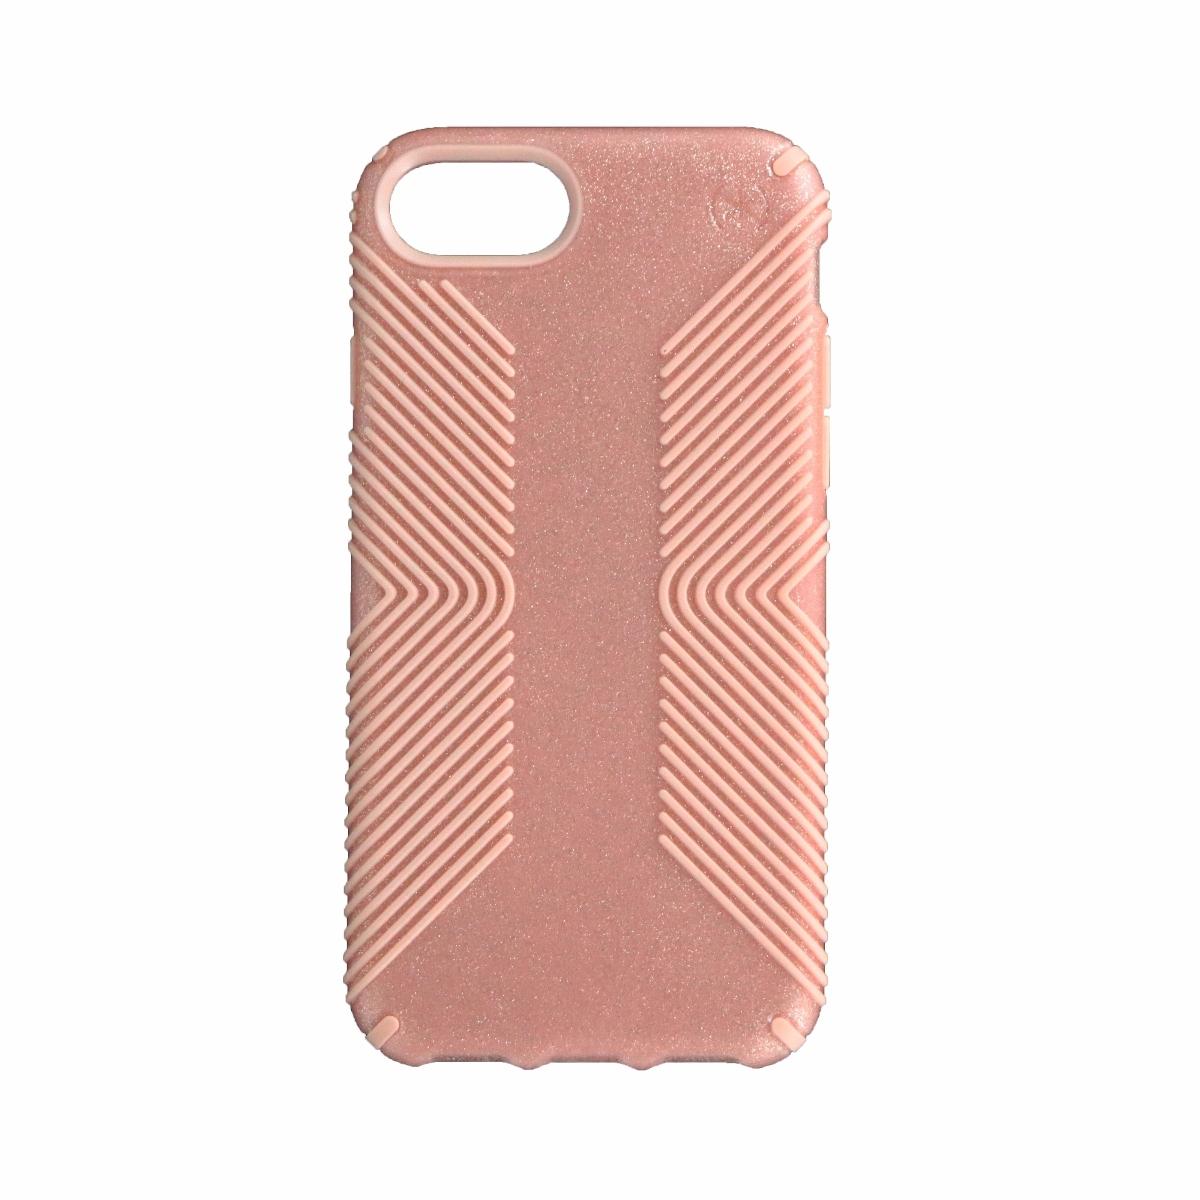 Speck Glitter Iphone  Case